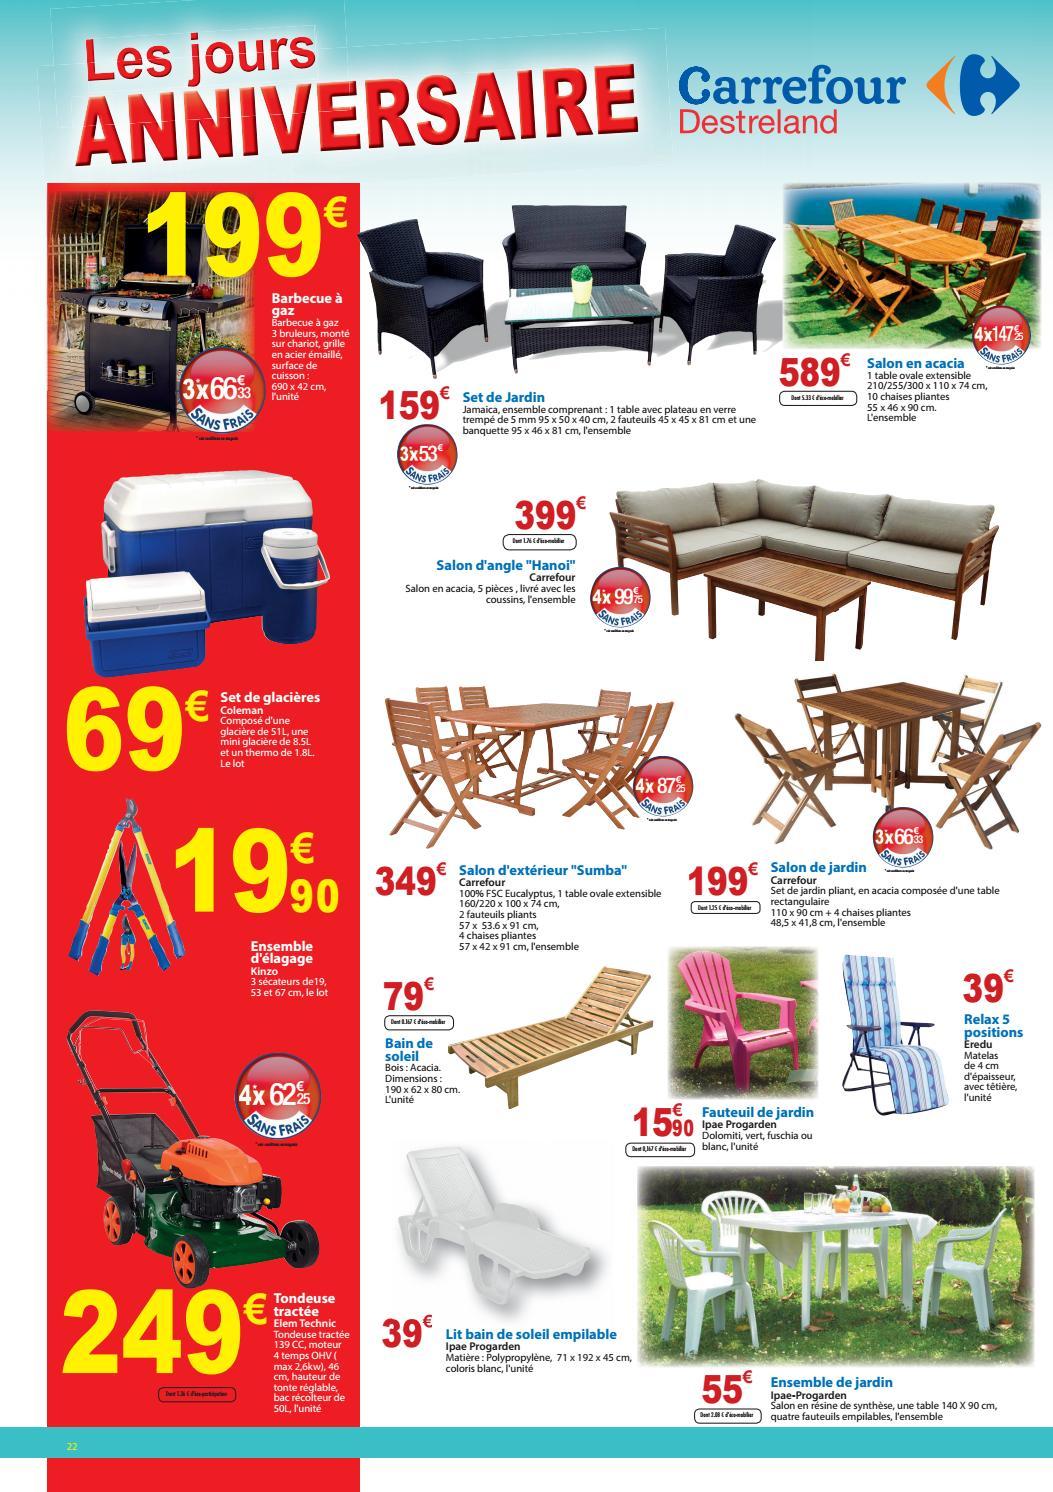 Carrefour Destreland : Les jours ANNIVERSAIRE (du 27 ...